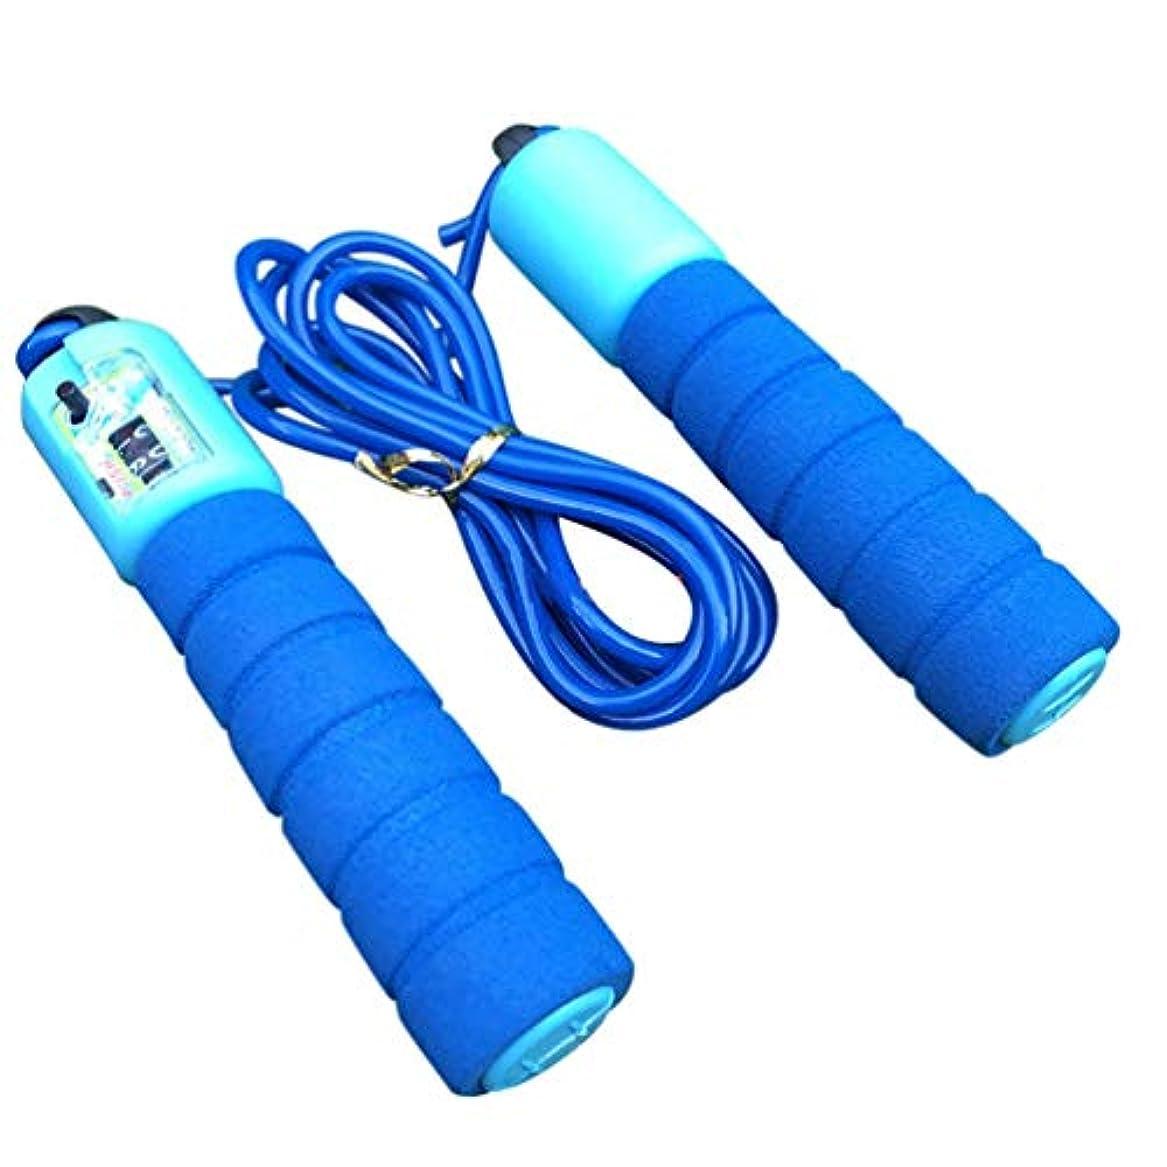 専門化する状況誕生調整可能なプロフェッショナルカウント縄跳び自動カウントジャンプロープフィットネス運動高速カウントジャンプロープ - 青